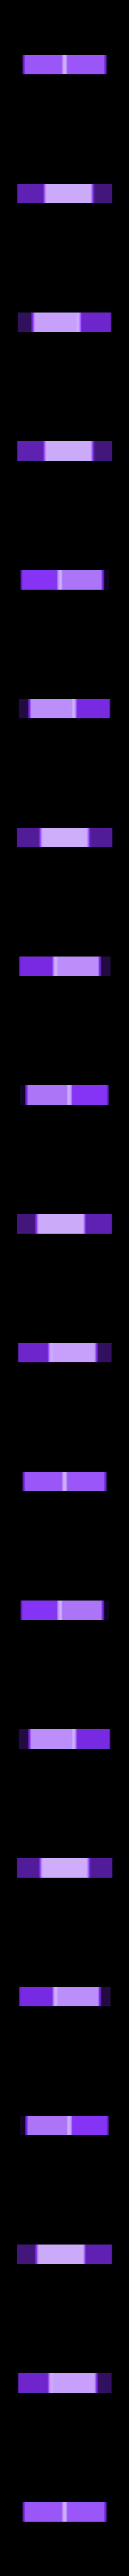 ext2_cloporte.STL Télécharger fichier STL gratuit Hive • Objet pour impression 3D, seb2320